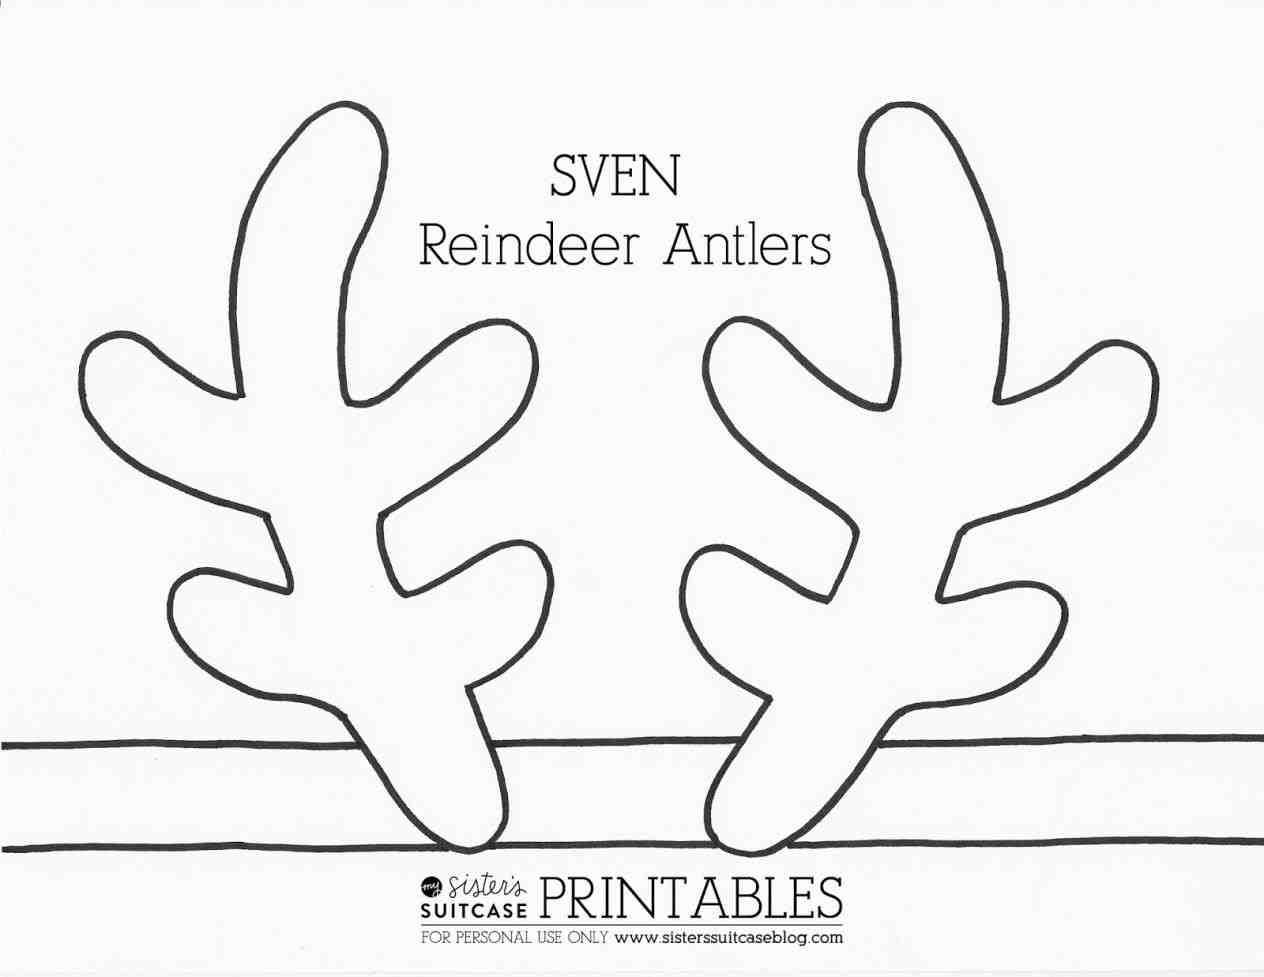 Reindeer antlers template printable. Antler clipart raindeer